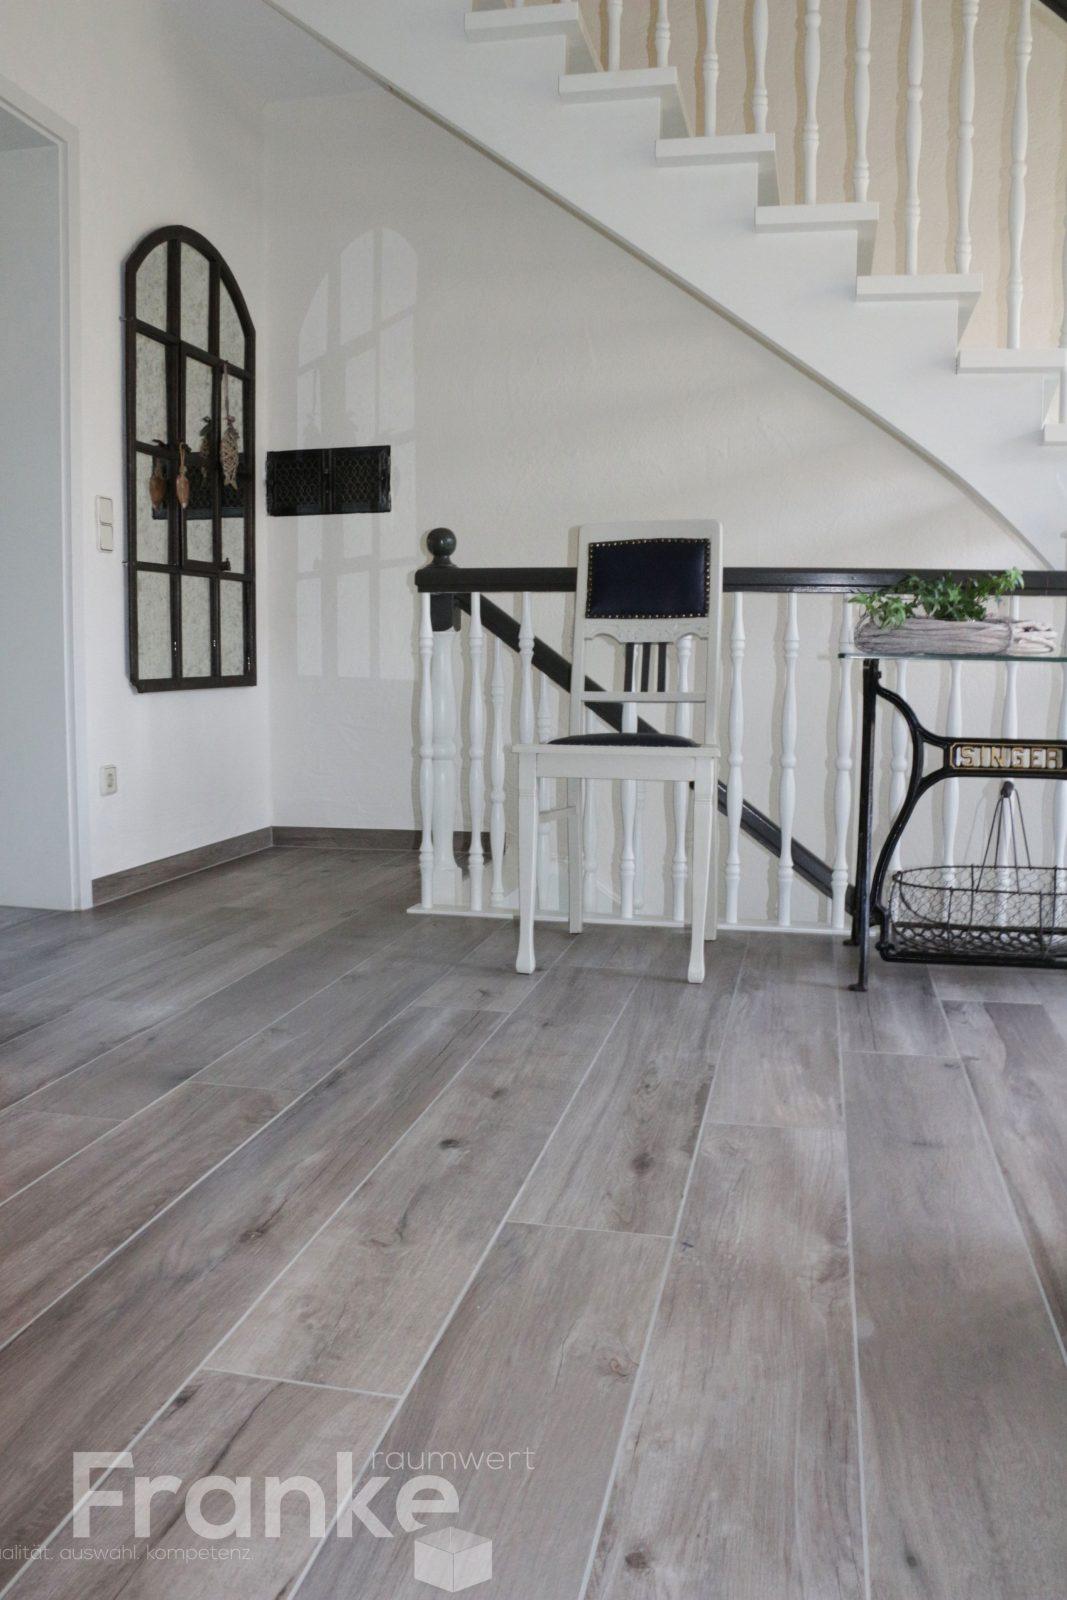 Fliesen In Holzoptik  Die Optik Des Holzes Mit Der Langlebigkeit von Fliesen In Holzoptik Wohnzimmer Photo